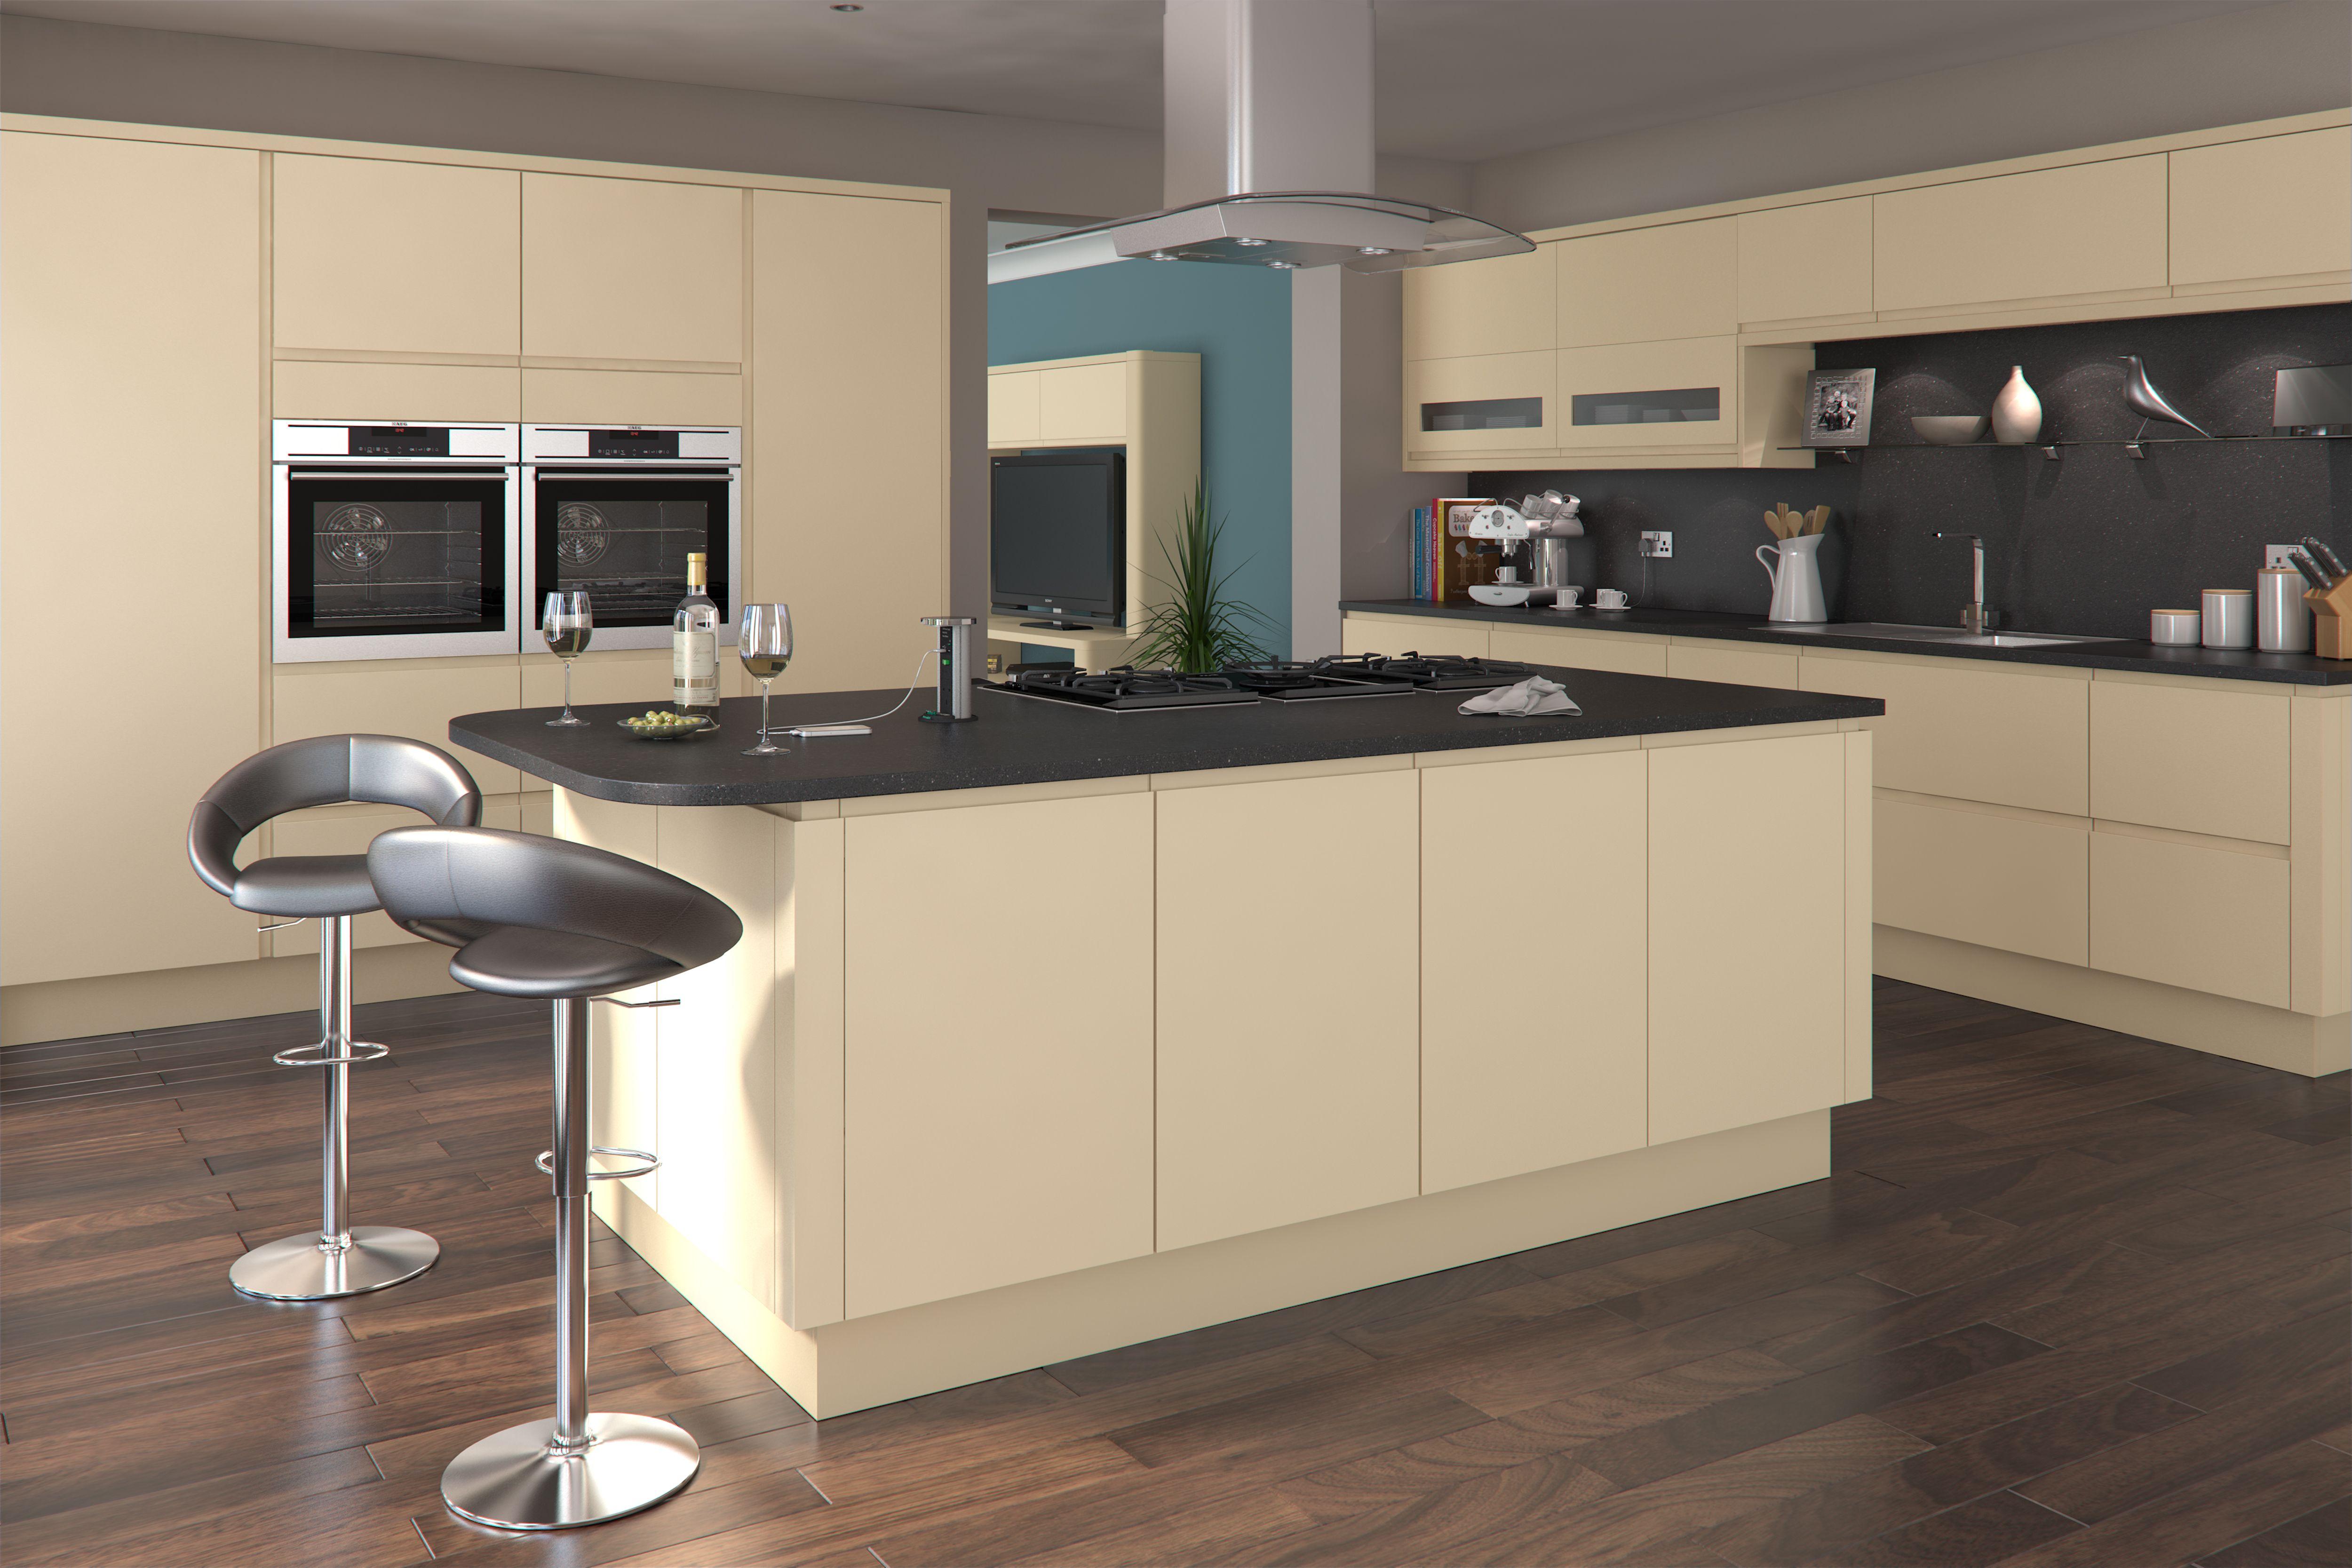 white gloss kitchen grey worktop grey floor - Google Search ...